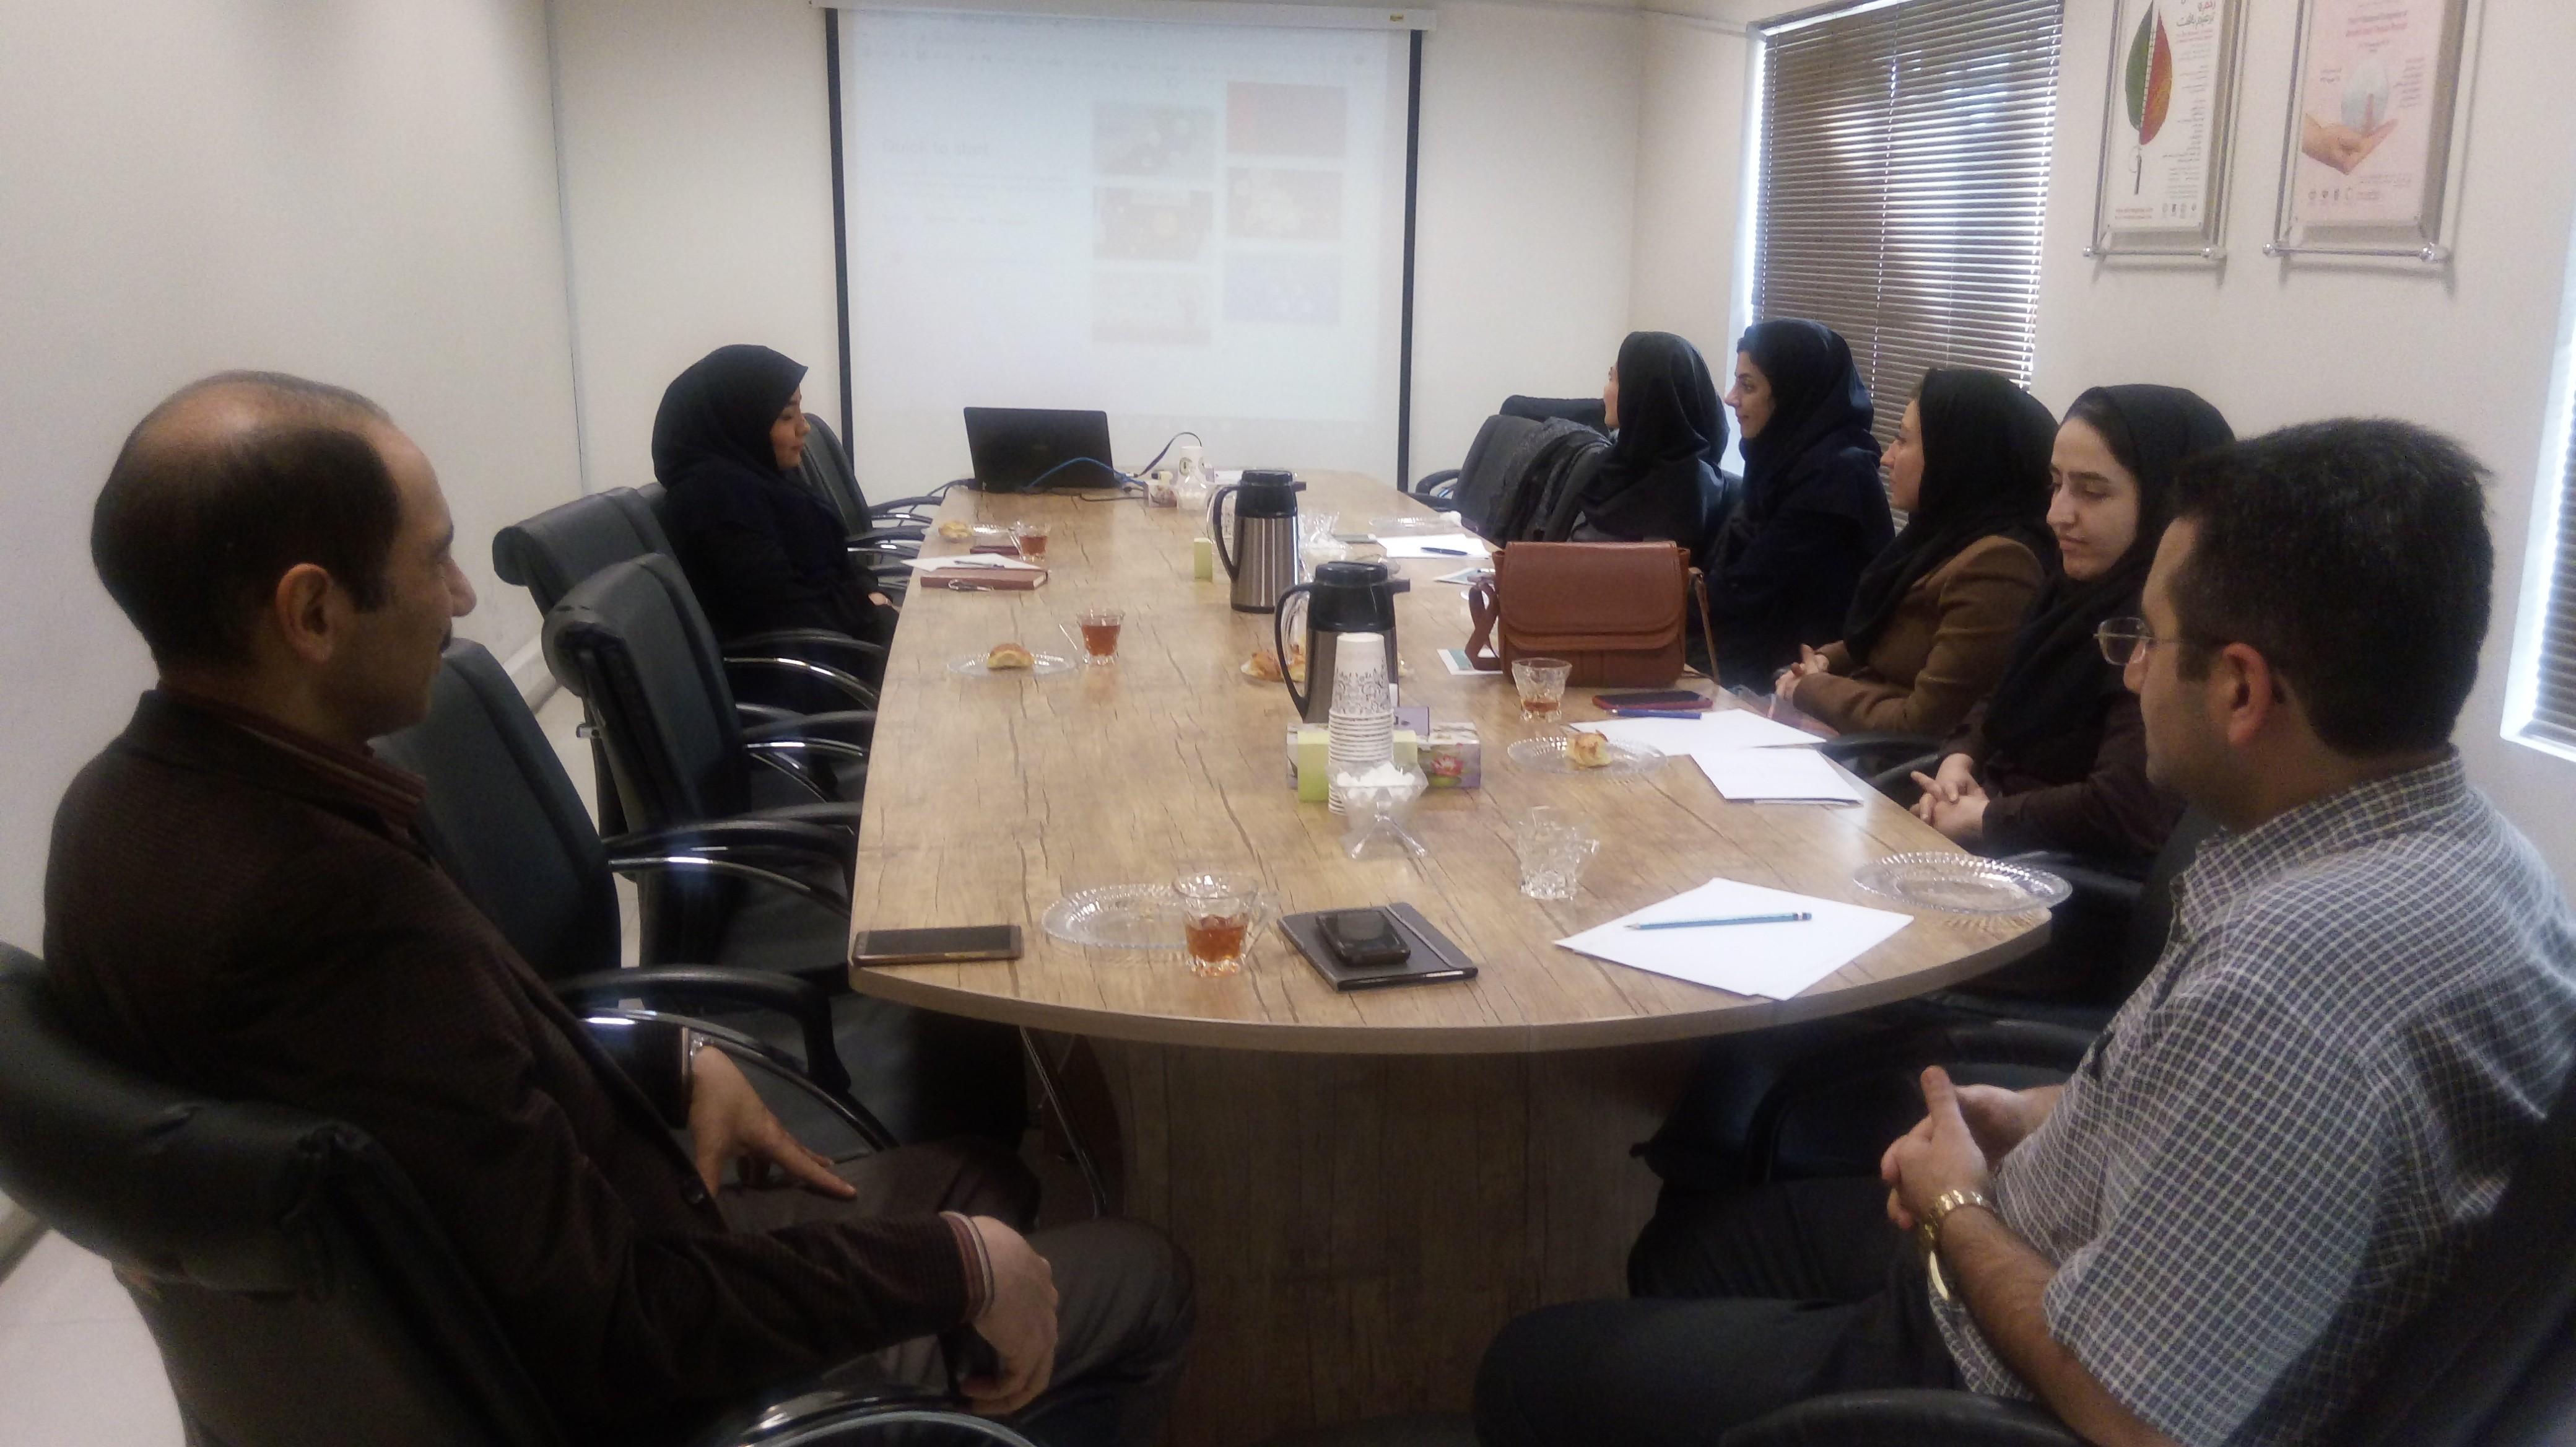 برگزاری کارگاه PREZI توسط گروه پژوهشی سبک زندگی و مدیریت سلامت در منزل